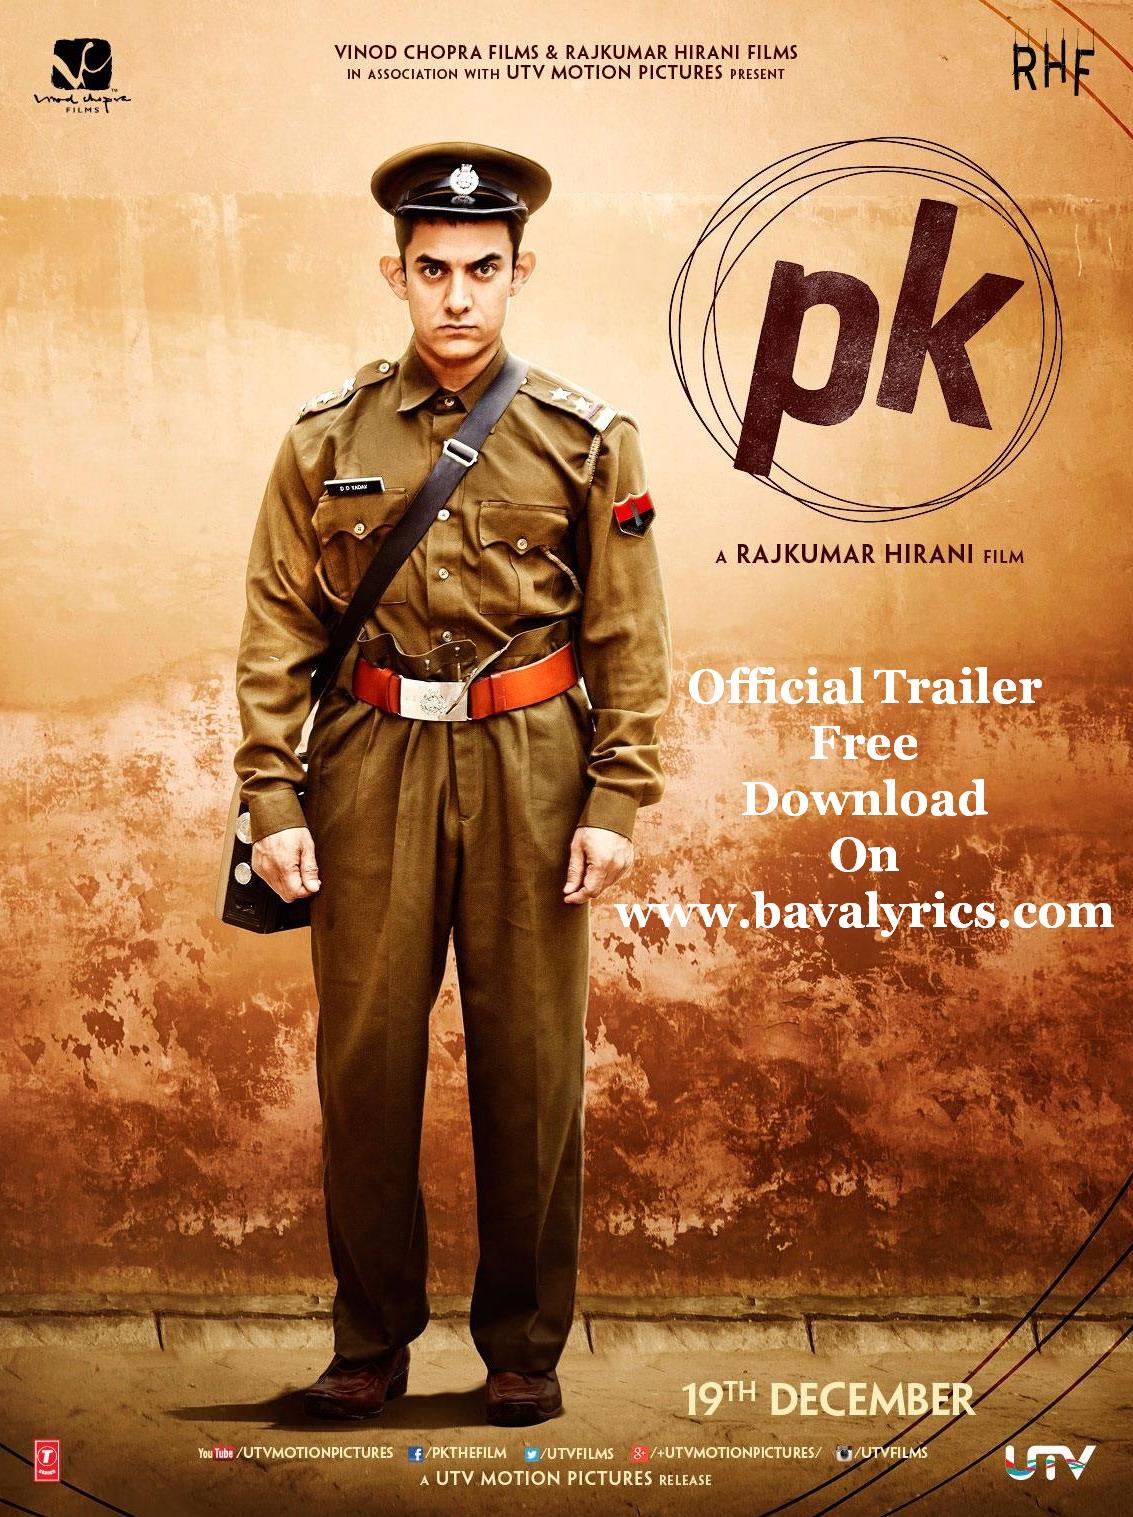 Bollywood) peka film tahun 2014 full movie subtitle indonesia.